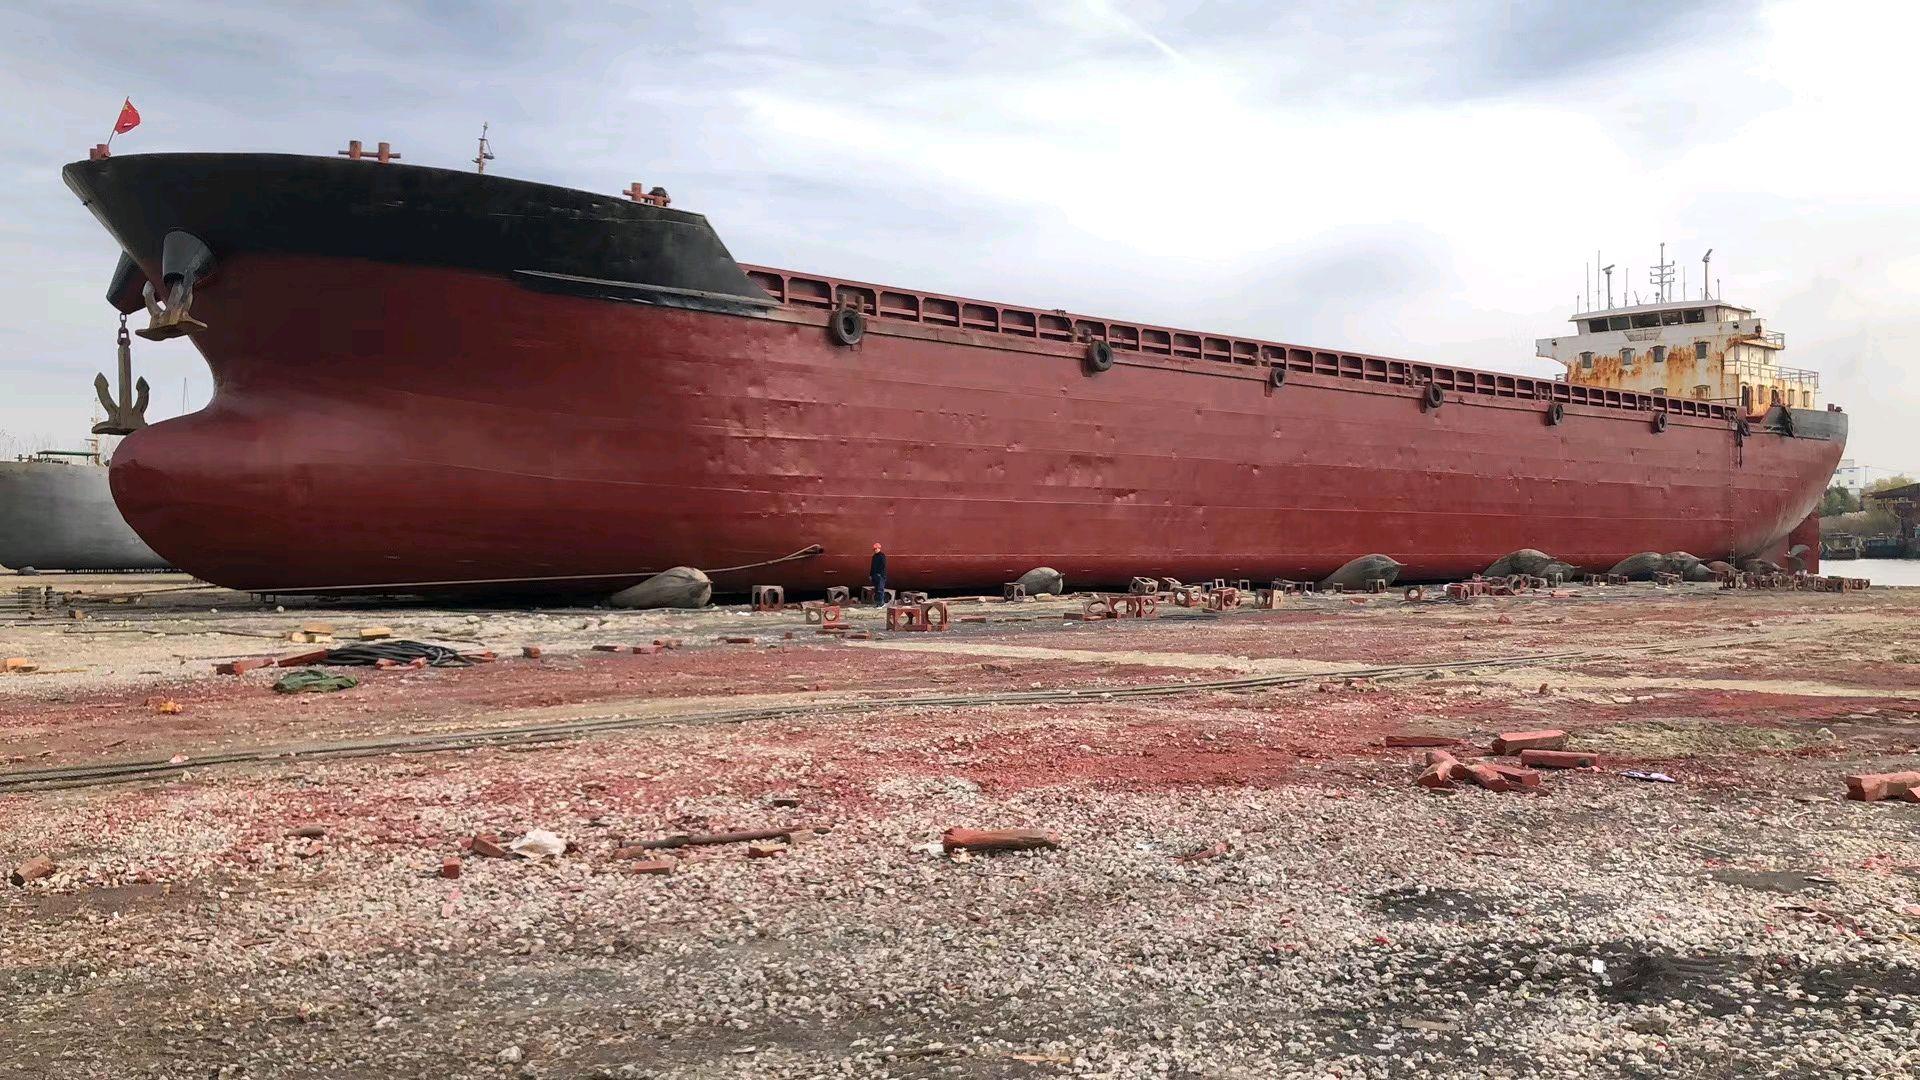 废钢船买卖